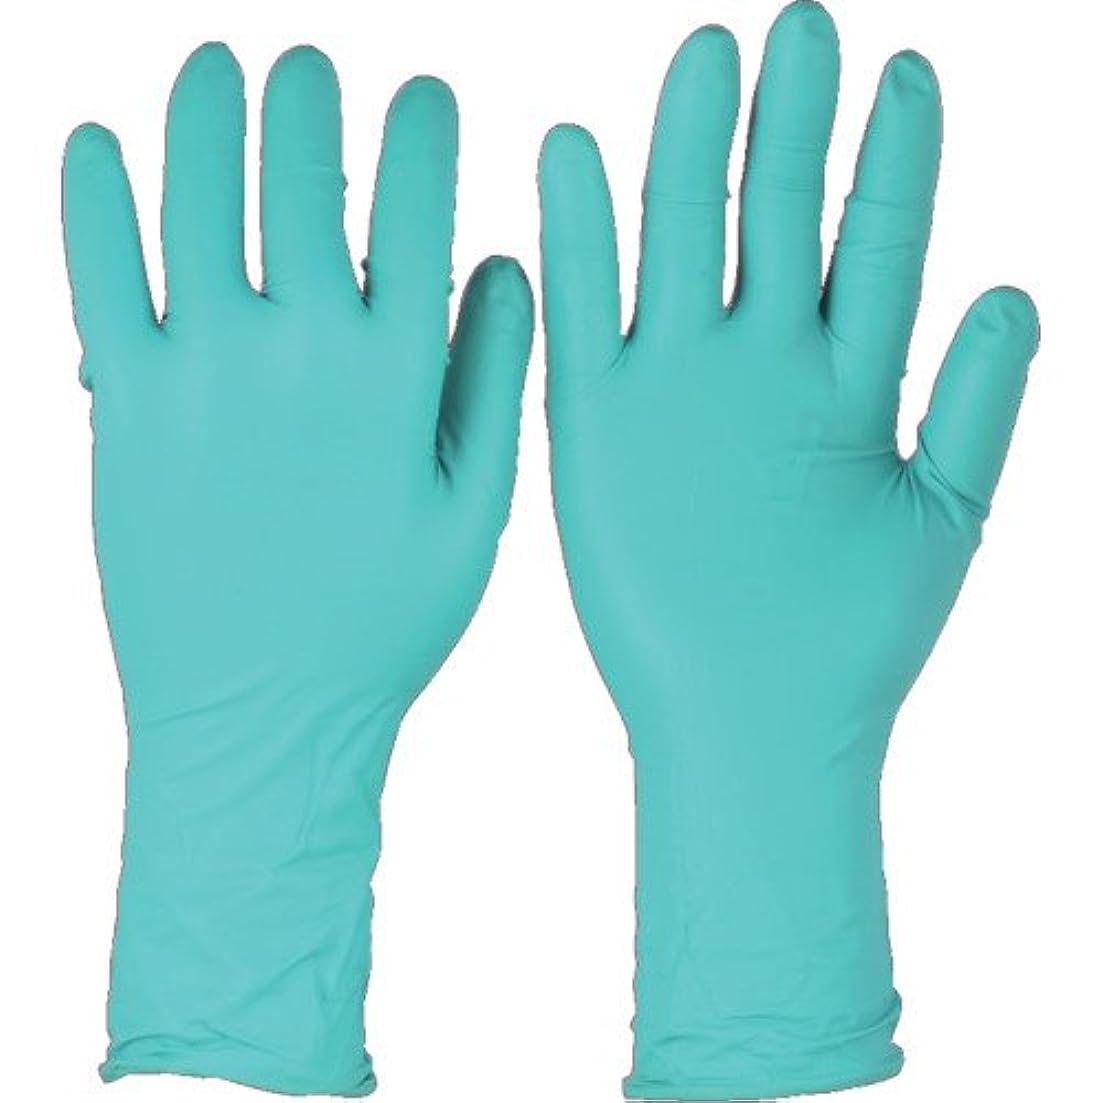 公平な責めマスタードトラスコ中山 アンセル ネオプレンゴム使い捨て手袋 マイクロフレックス 93-260 XXLサイズ (50枚入)  9326011